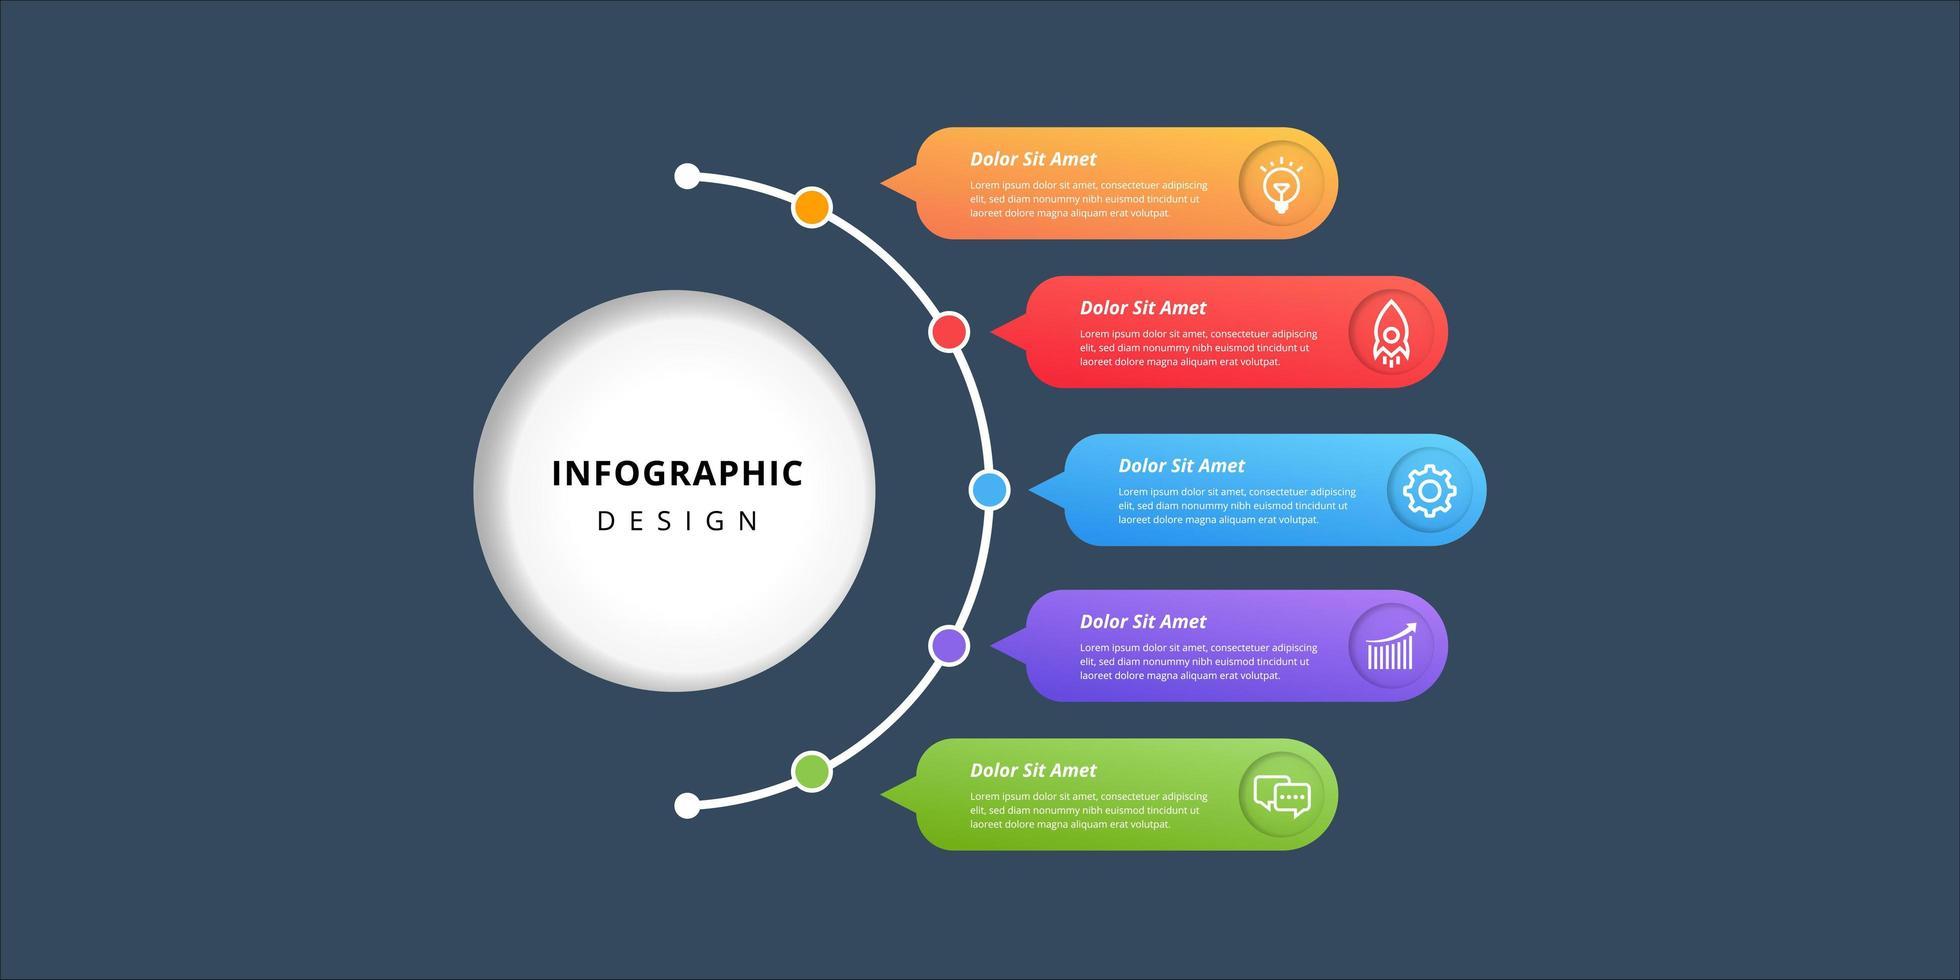 elementi di design infografica etichetta colorata vettore